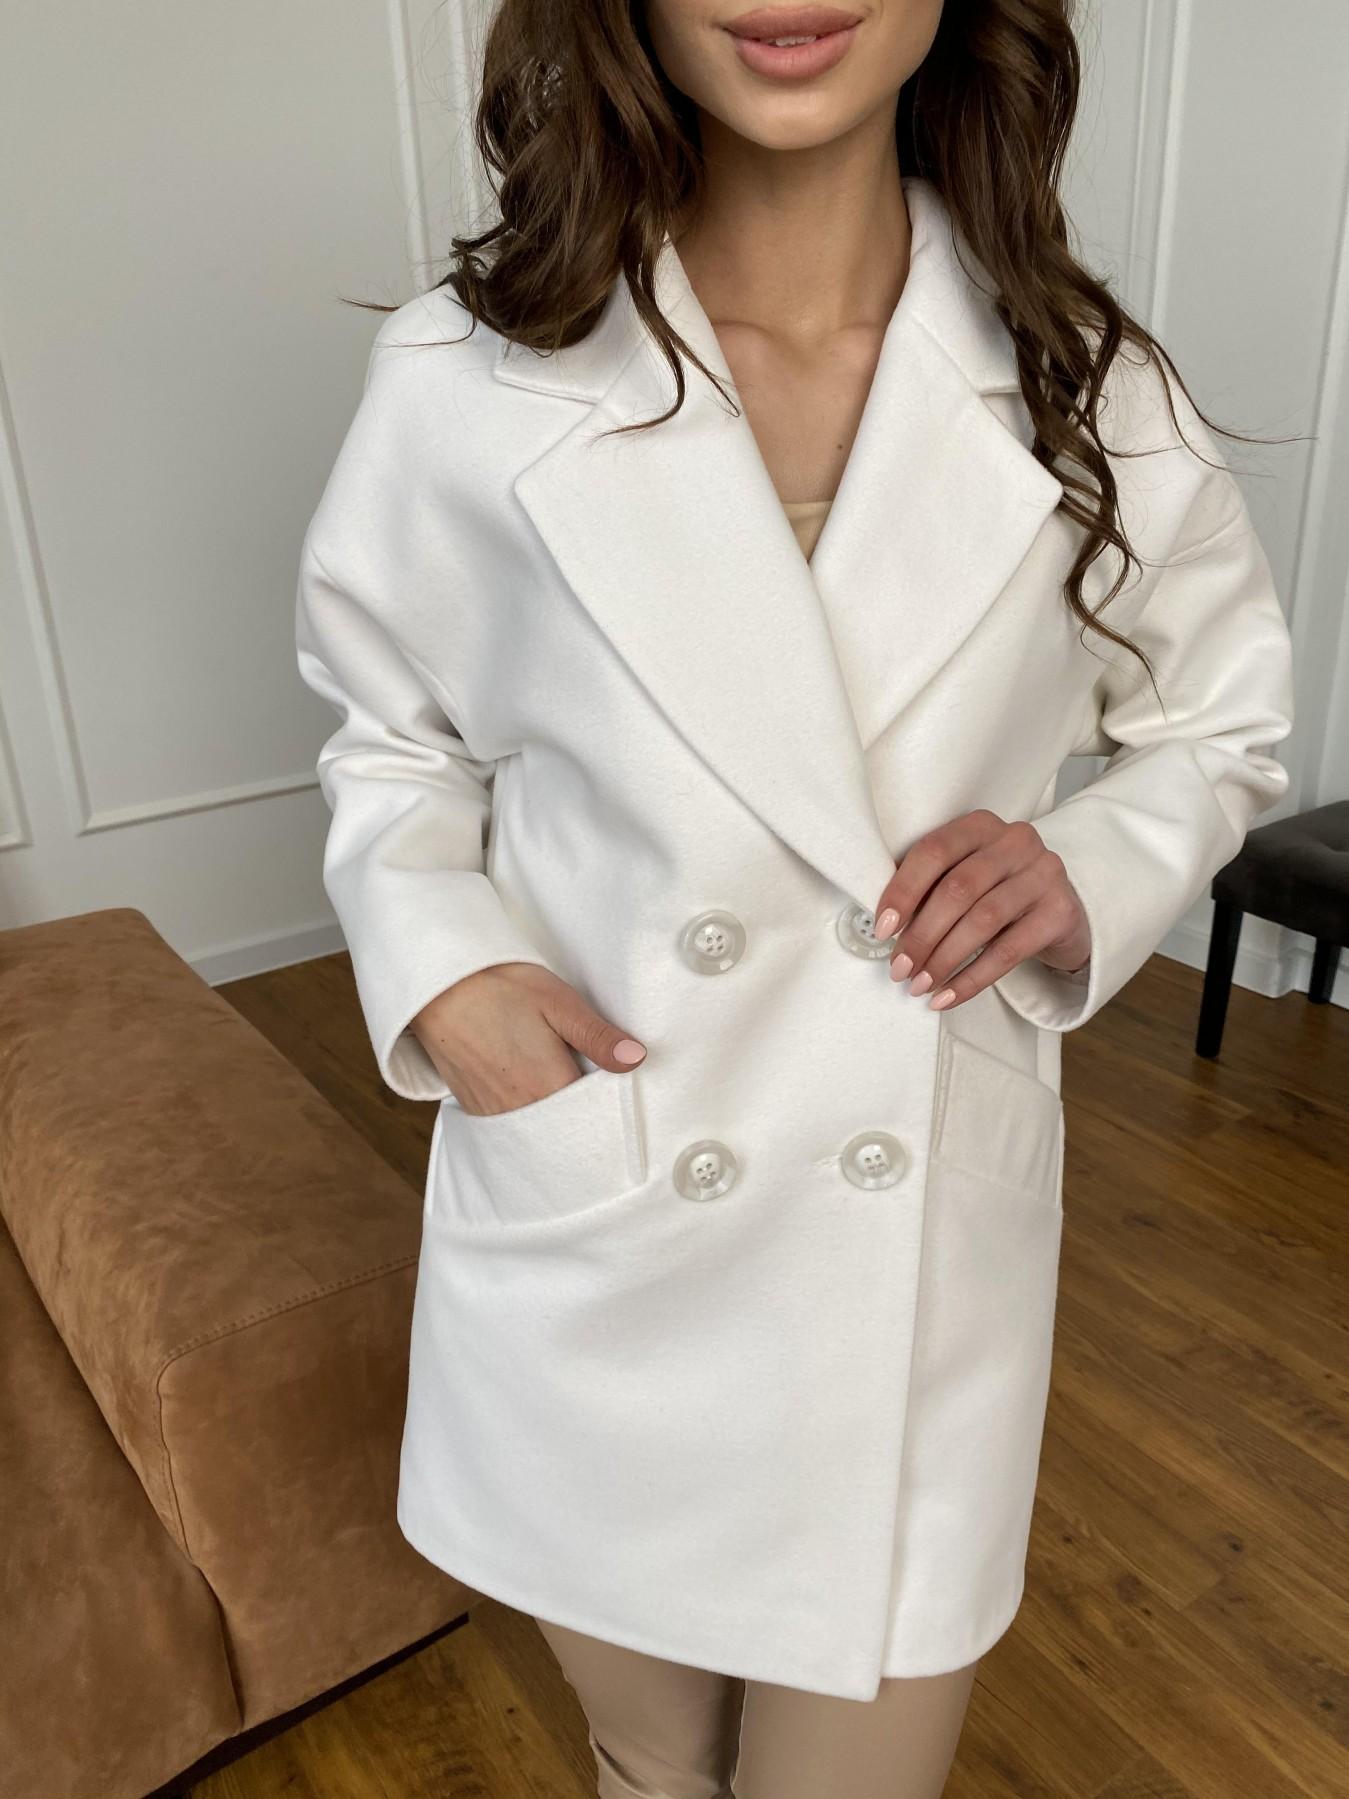 Бонд пальто из кашемира 10646 АРТ. 47495 Цвет: Молоко 1 - фото 11, интернет магазин tm-modus.ru